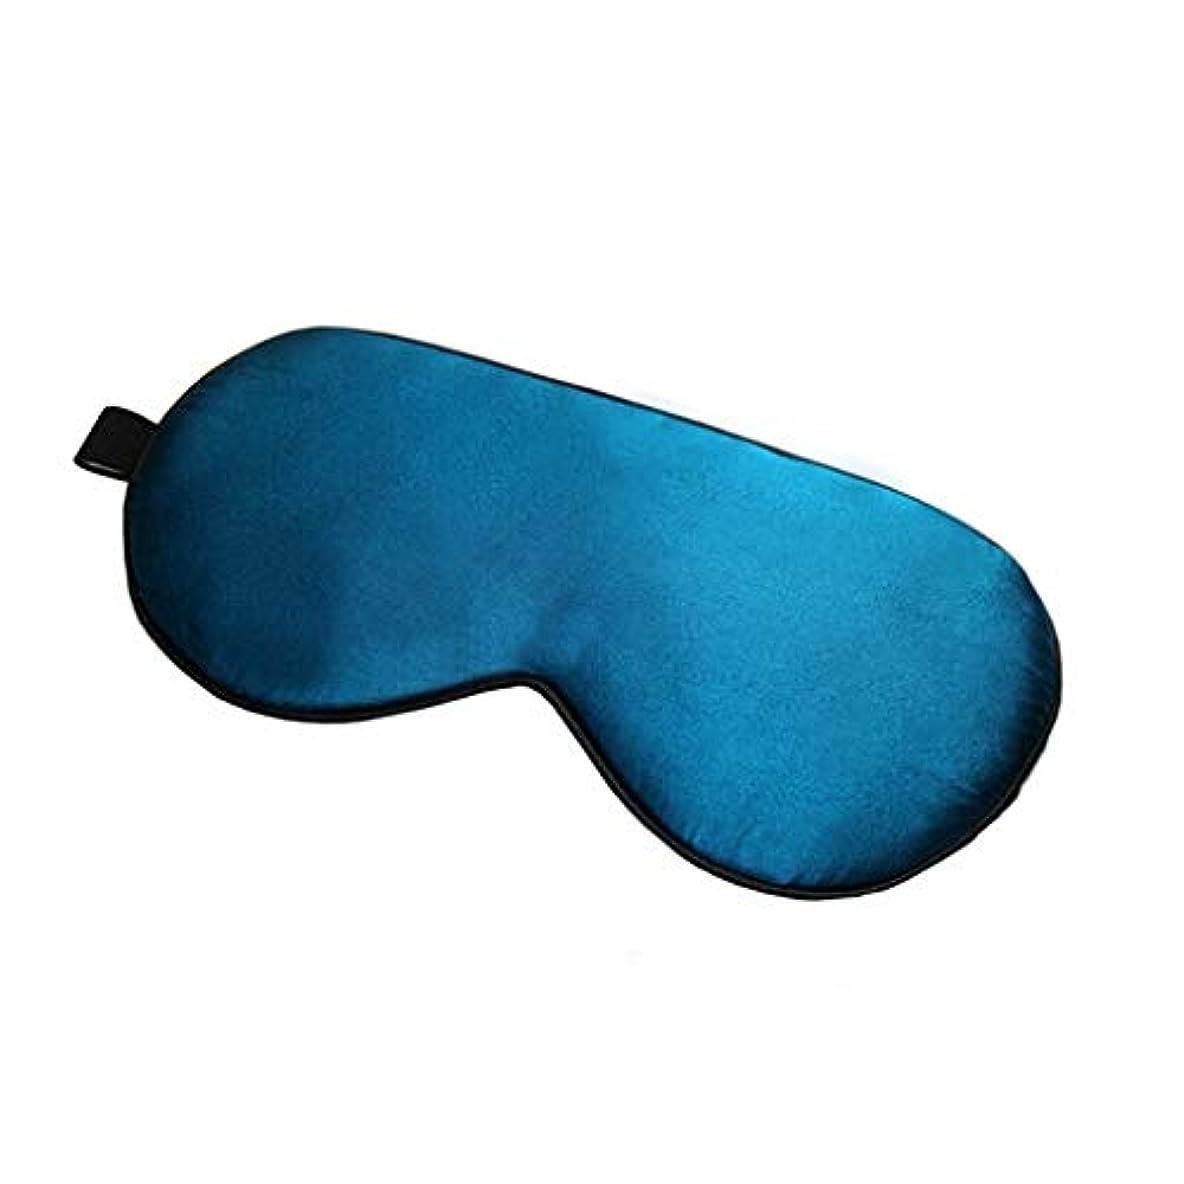 診療所バッジ蒸留目隠し アイマスク、シルクゴーグル睡眠シェーディング男性と女性快適なトラベルランチ用品エレガントブラック ゴーグル (Color : B)